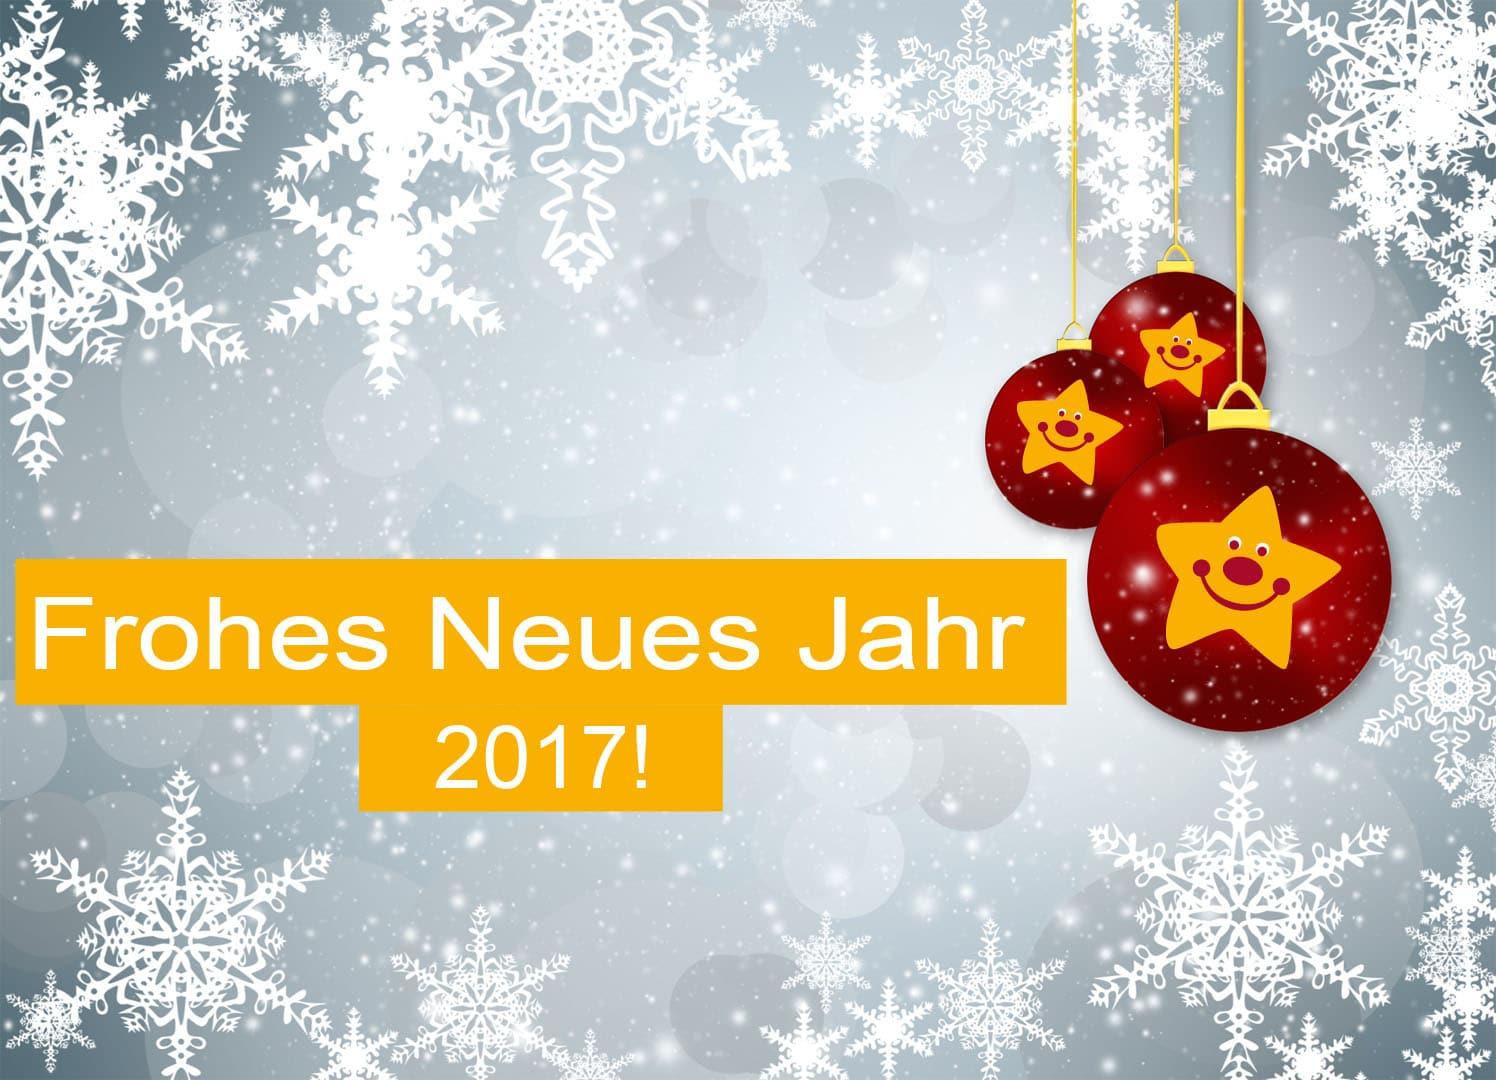 Frohes Neues Jahr 2017 - Aktion Hilfe für Kinder